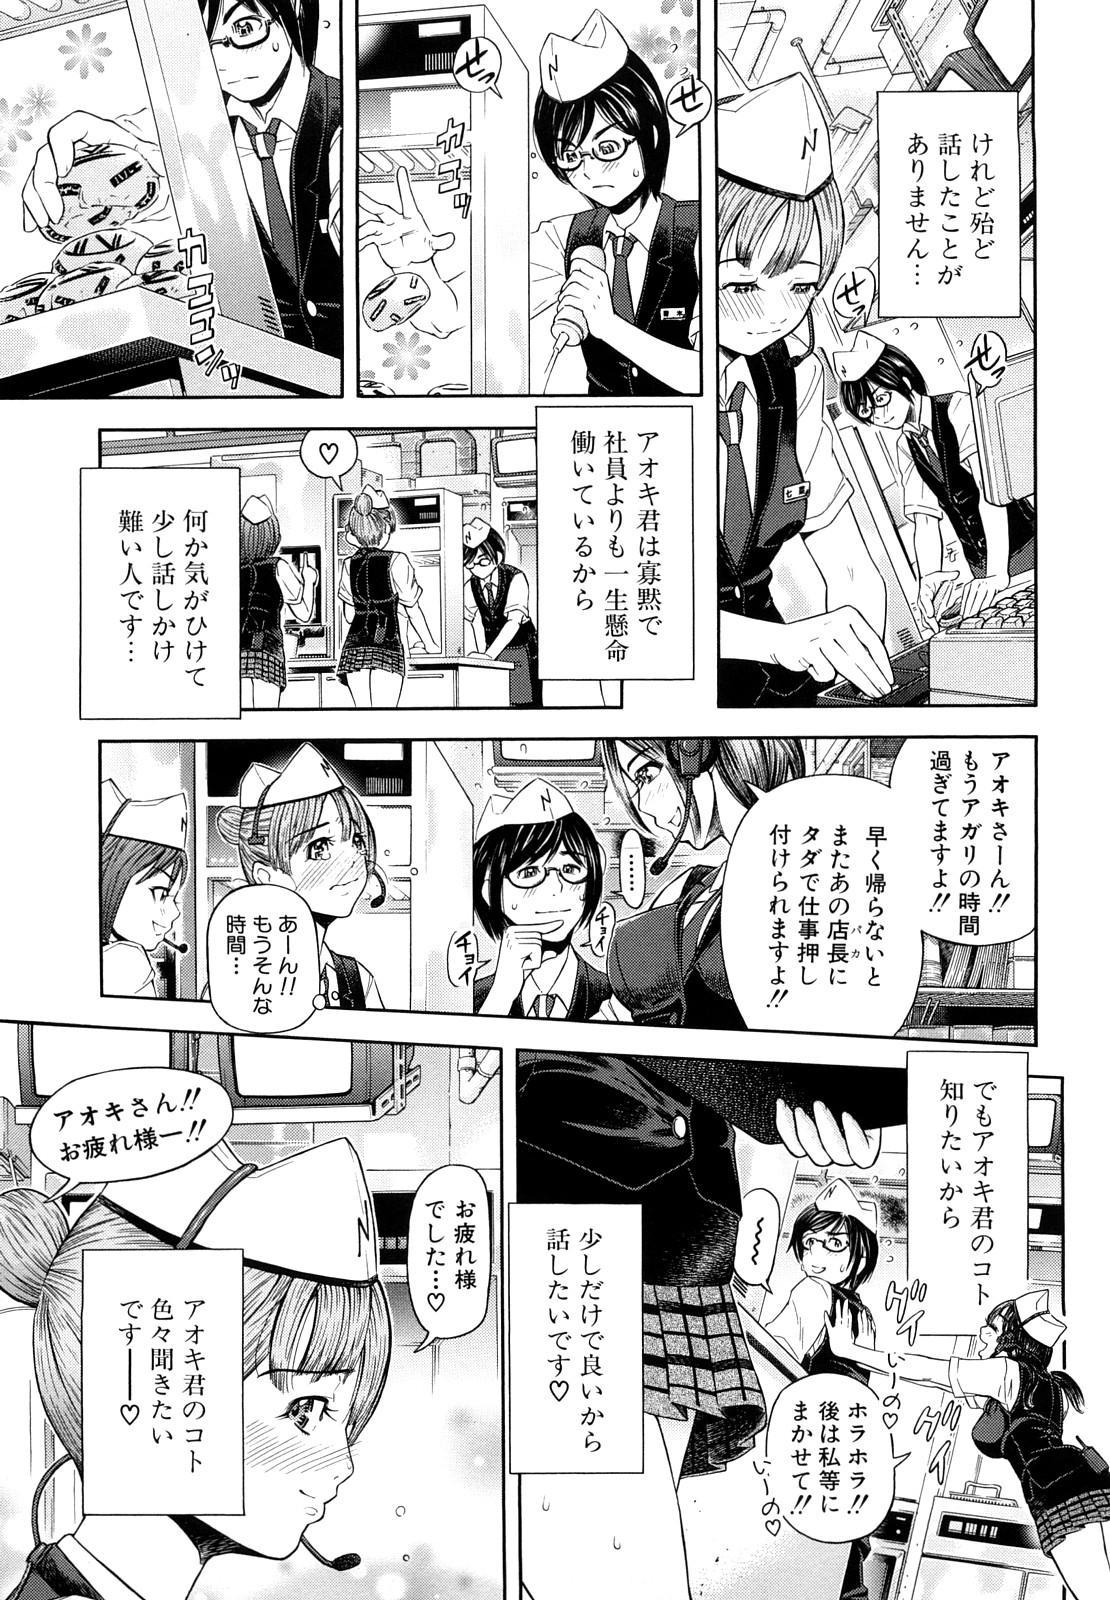 Chijyotachi no Kirifuda 163